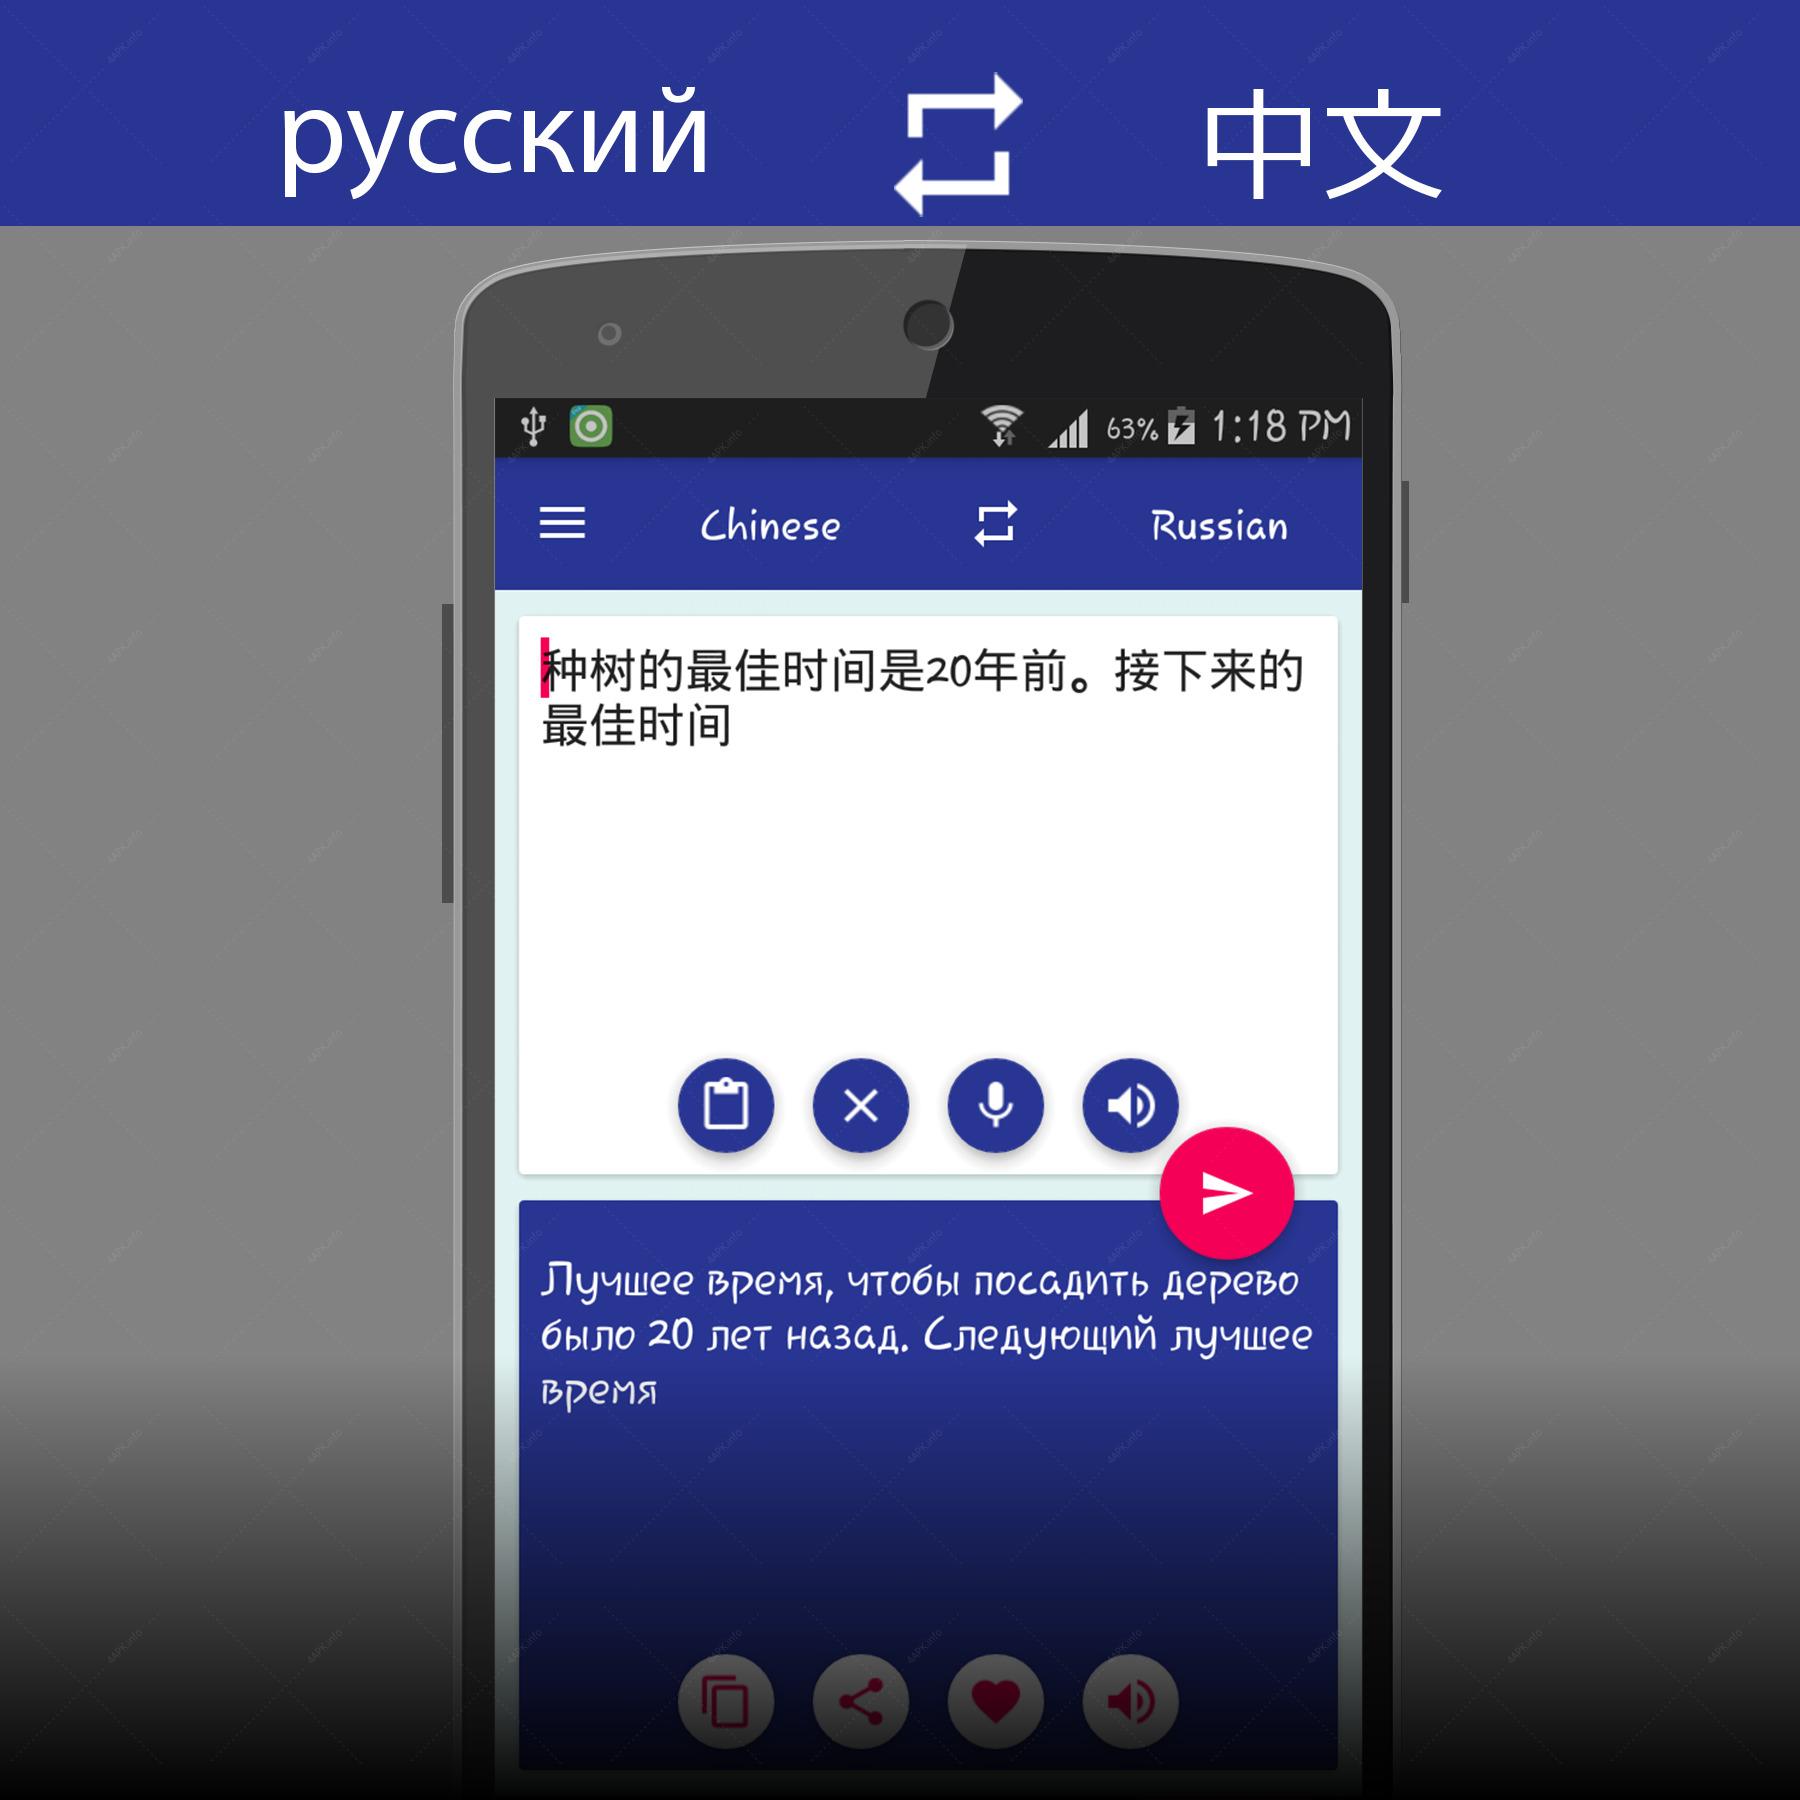 китайско русский переводчик по фото оффлайн такая